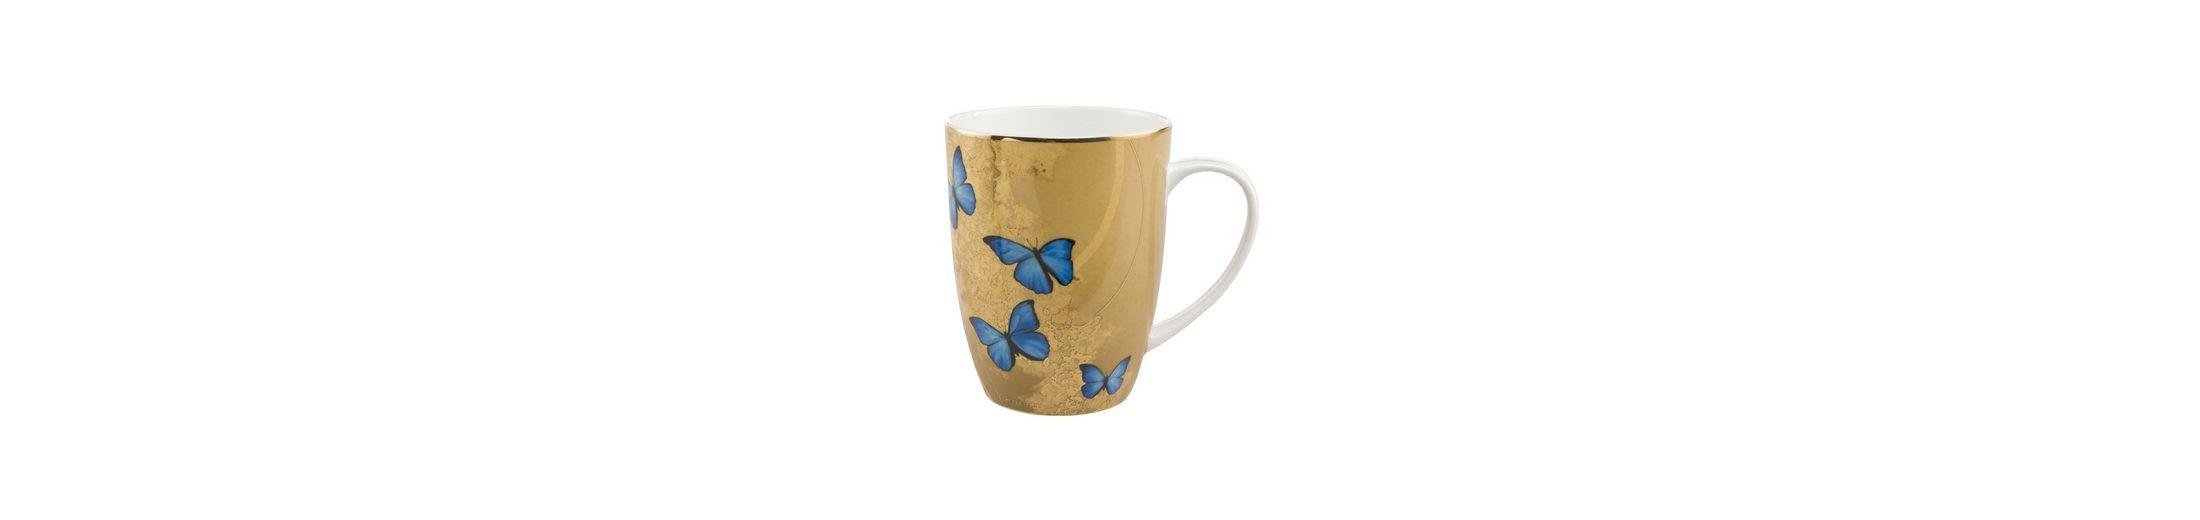 Goebel Blue Butterflies - Künstlerbecher »Artis Orbis«